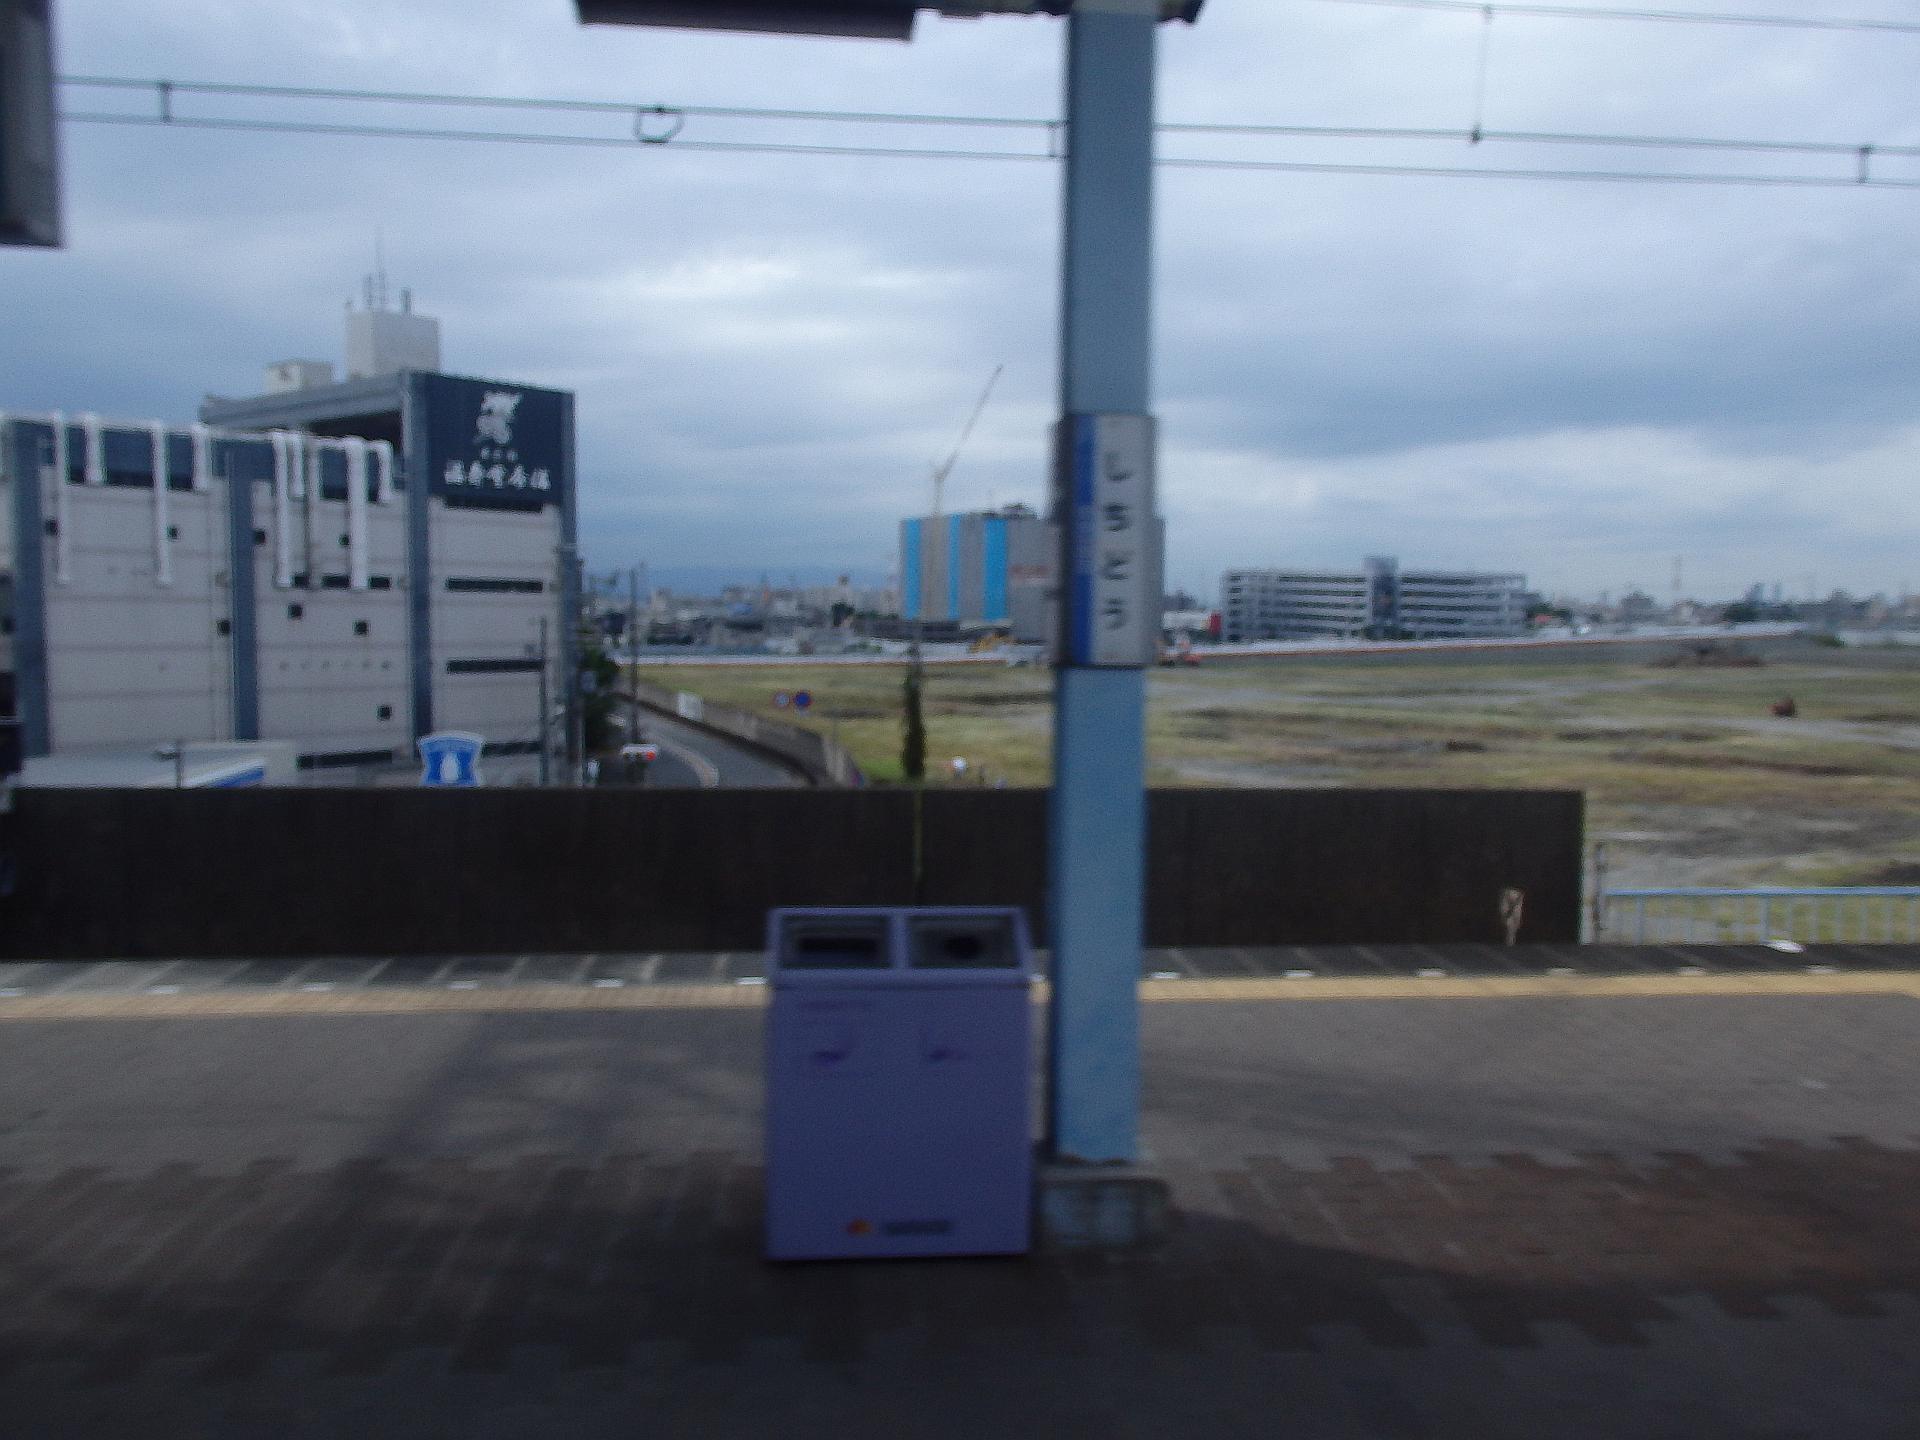 七道から見るダイセル化学工業の跡地。